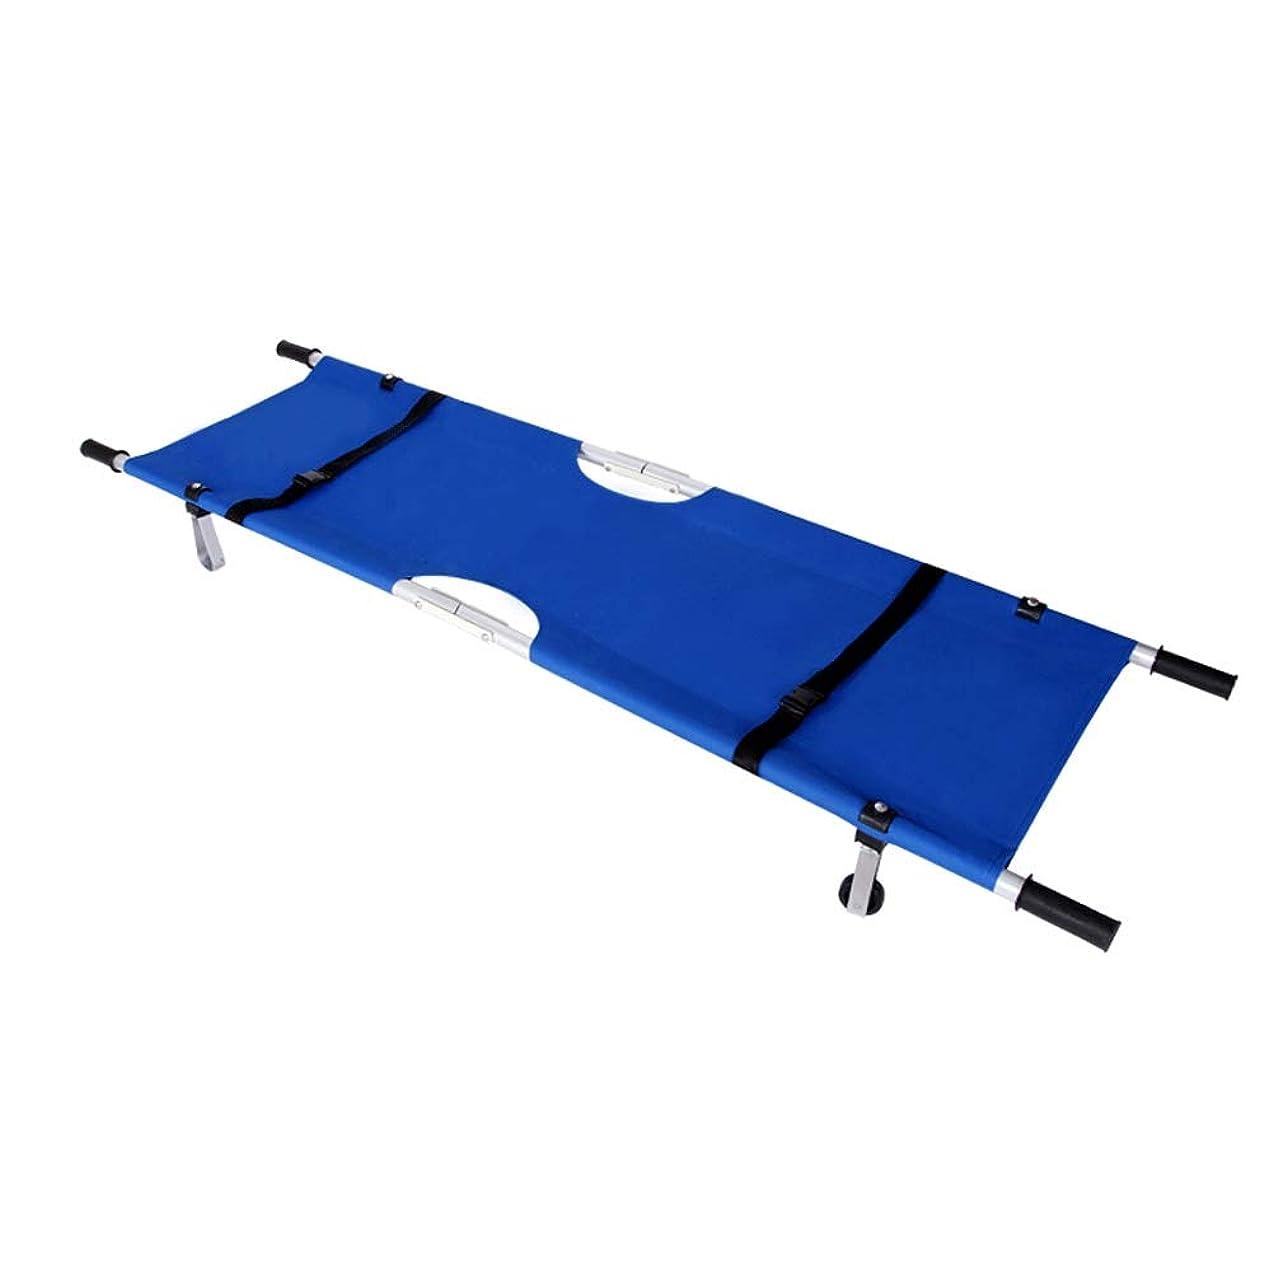 想定する懐迷惑ホーム病院学校スポーツアウトドアアクティビティのための2ホイール救急救助医療ストレッチャー付き折り畳み式携帯ストレッチャー - 重量容量350ポンド